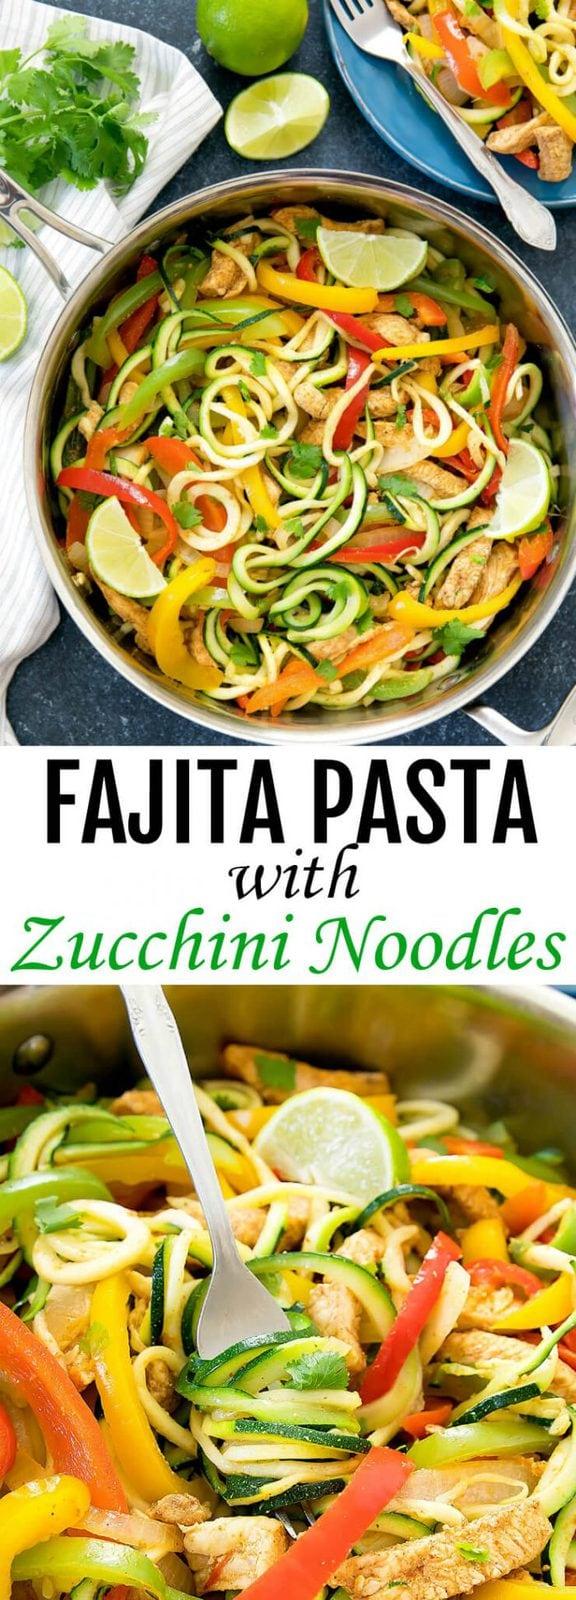 Fajita Pasta with Zucchini Noodles